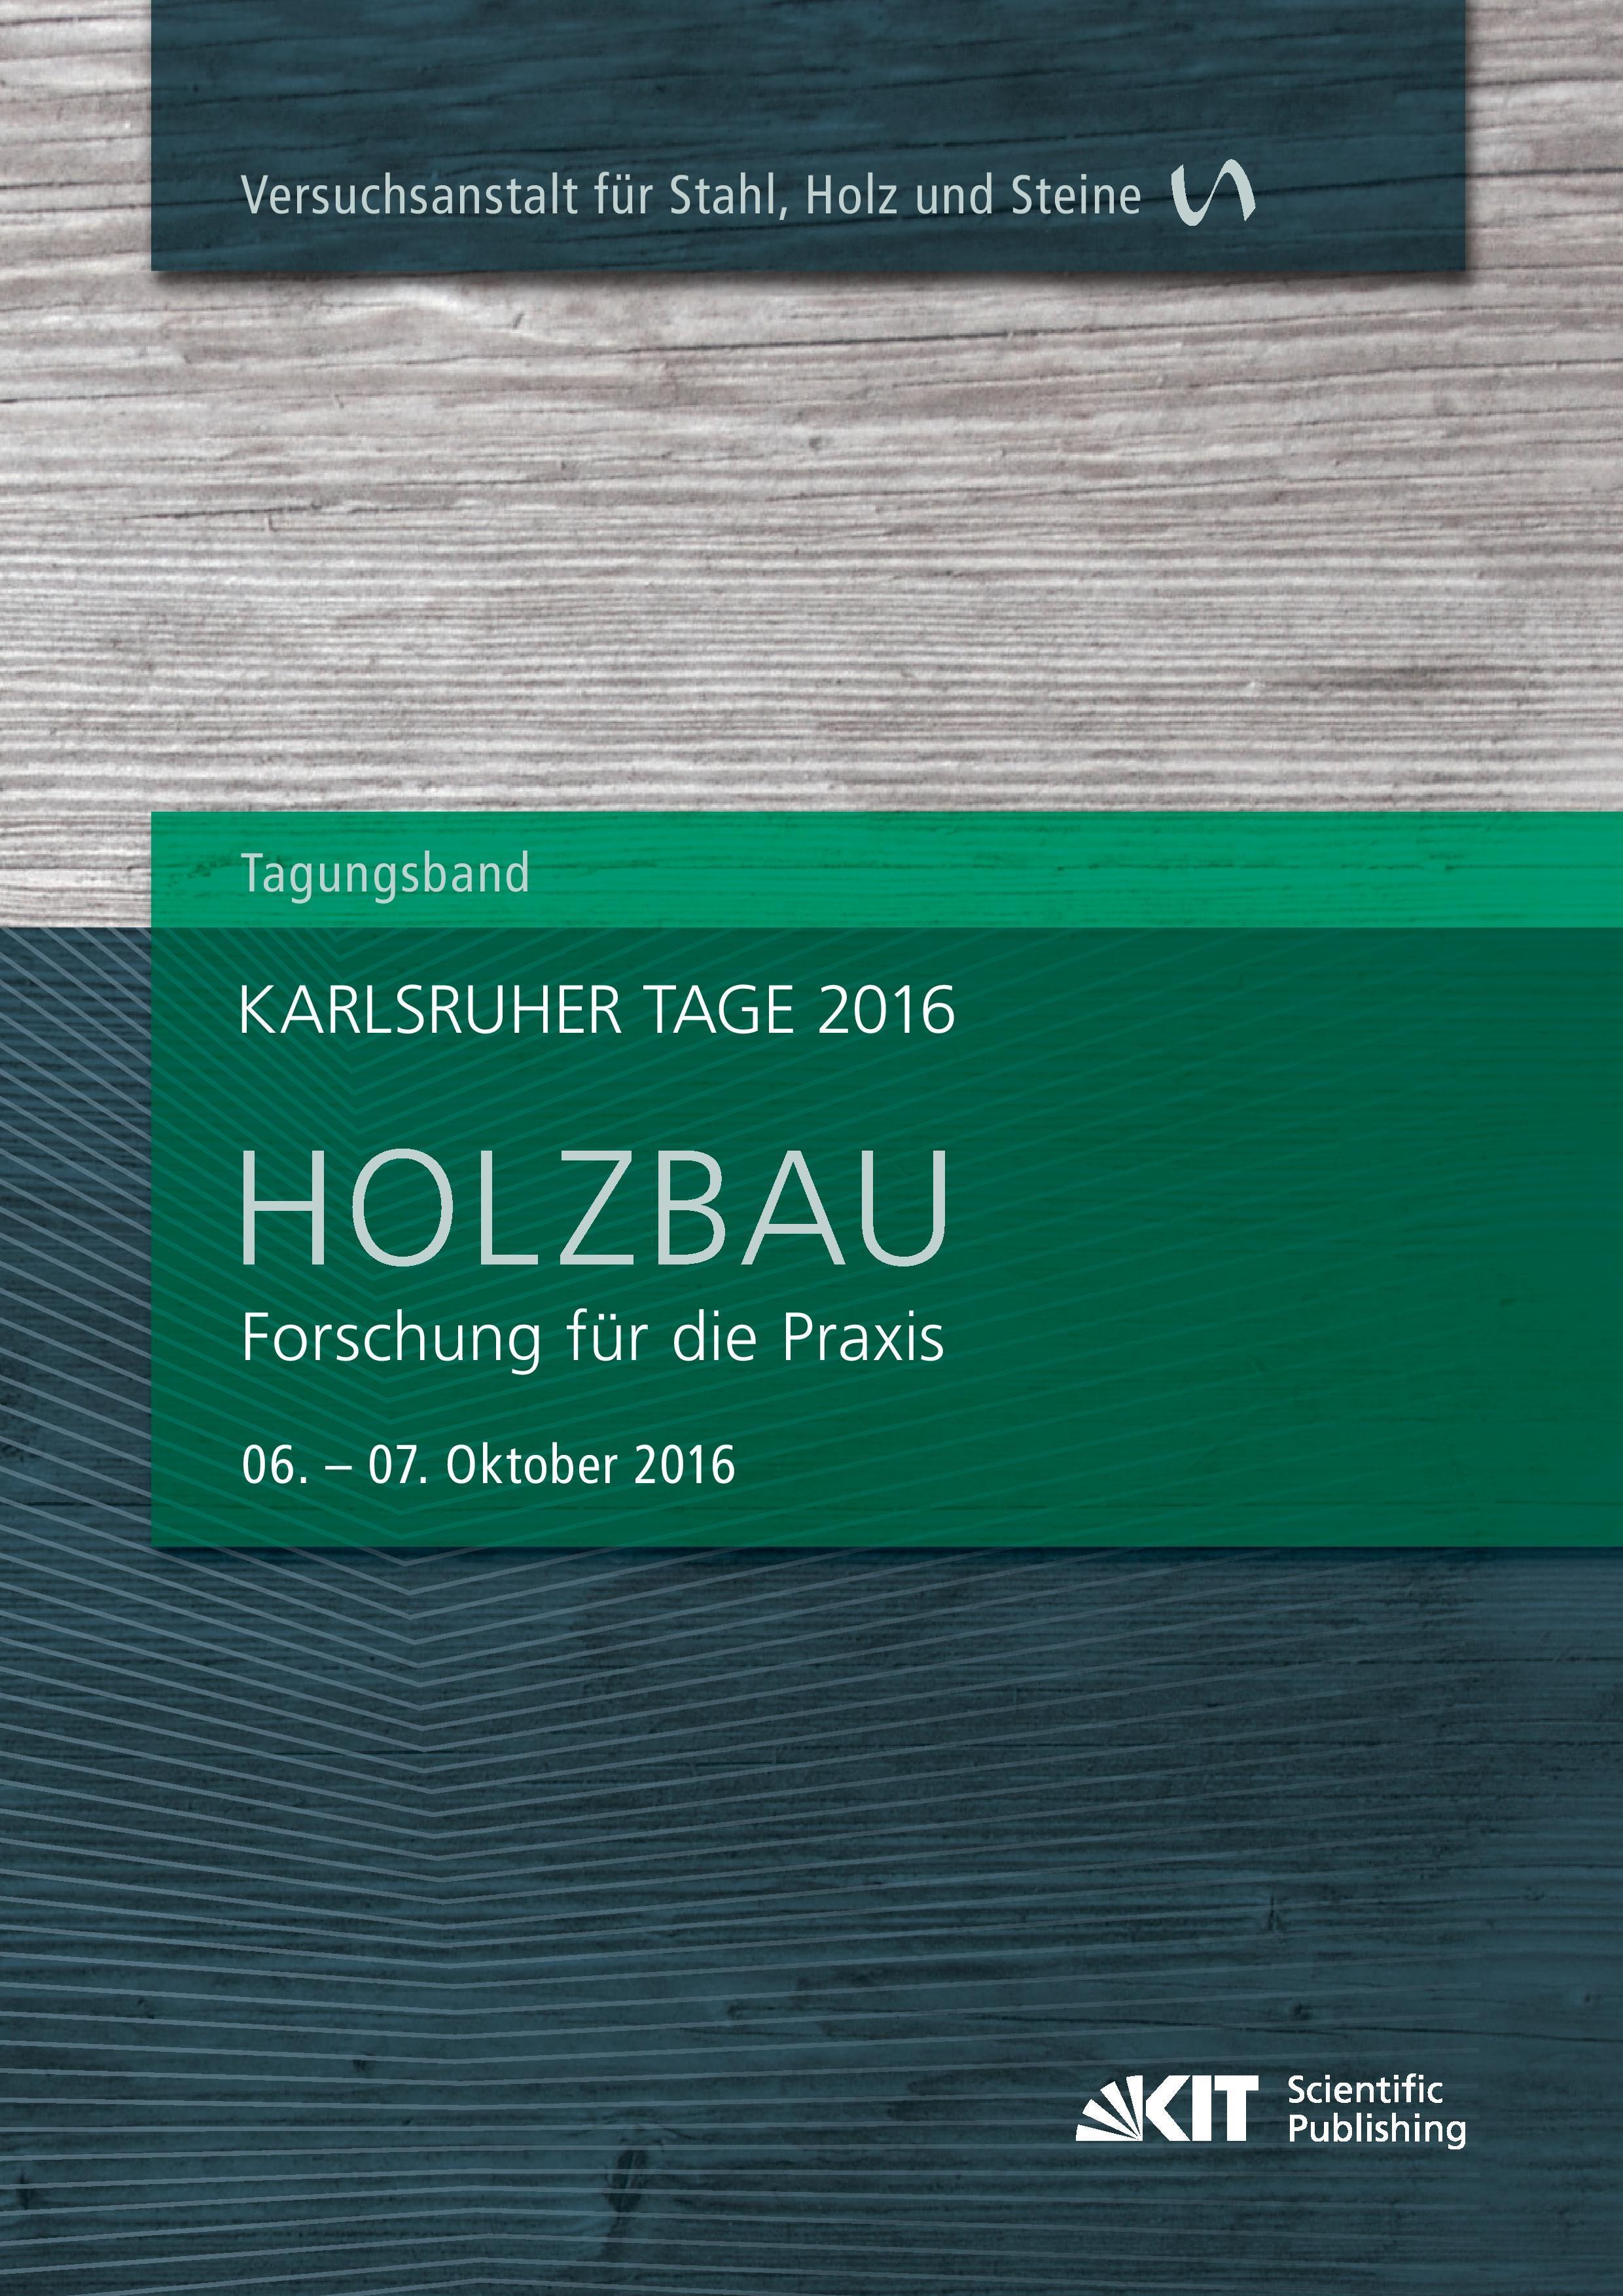 Karlsruher Tage 2016 - Holzbau : Forschung für die Praxis,   ... 9783731505778